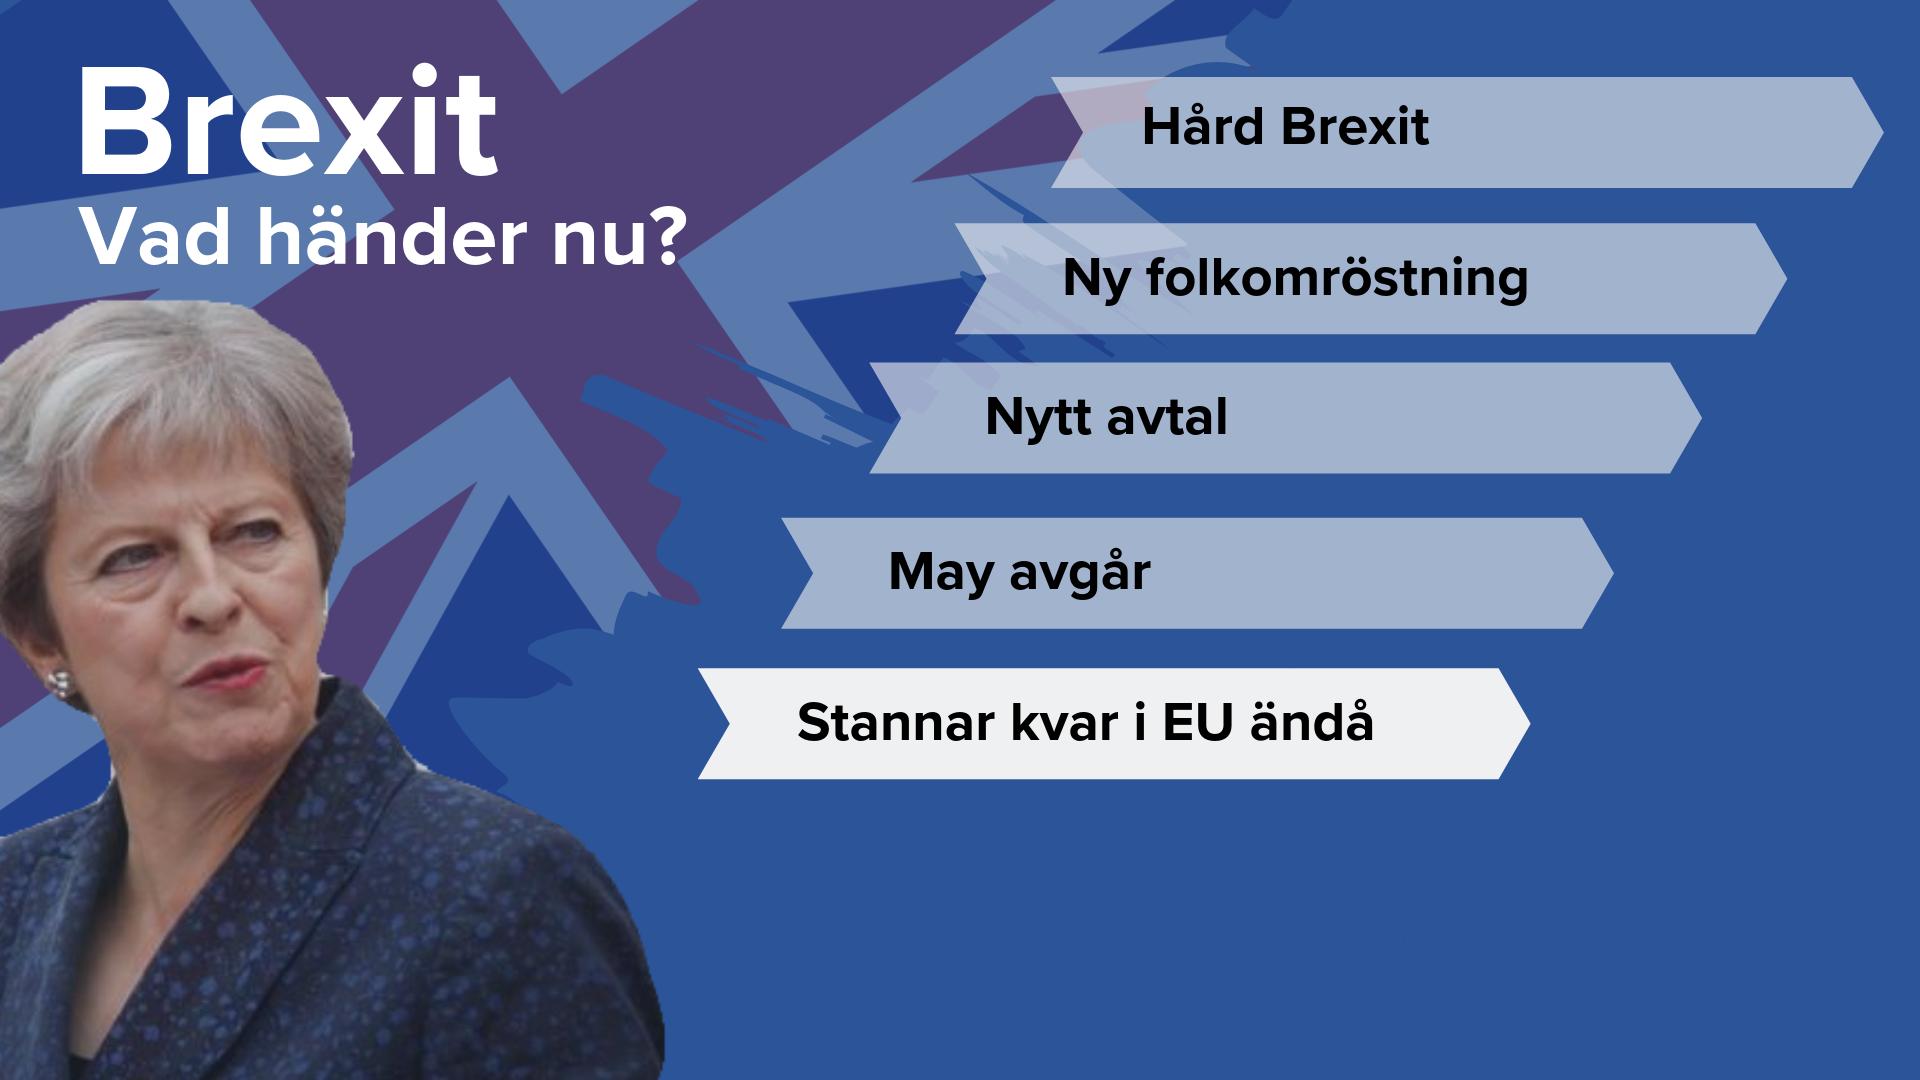 Stannar kvar i EU